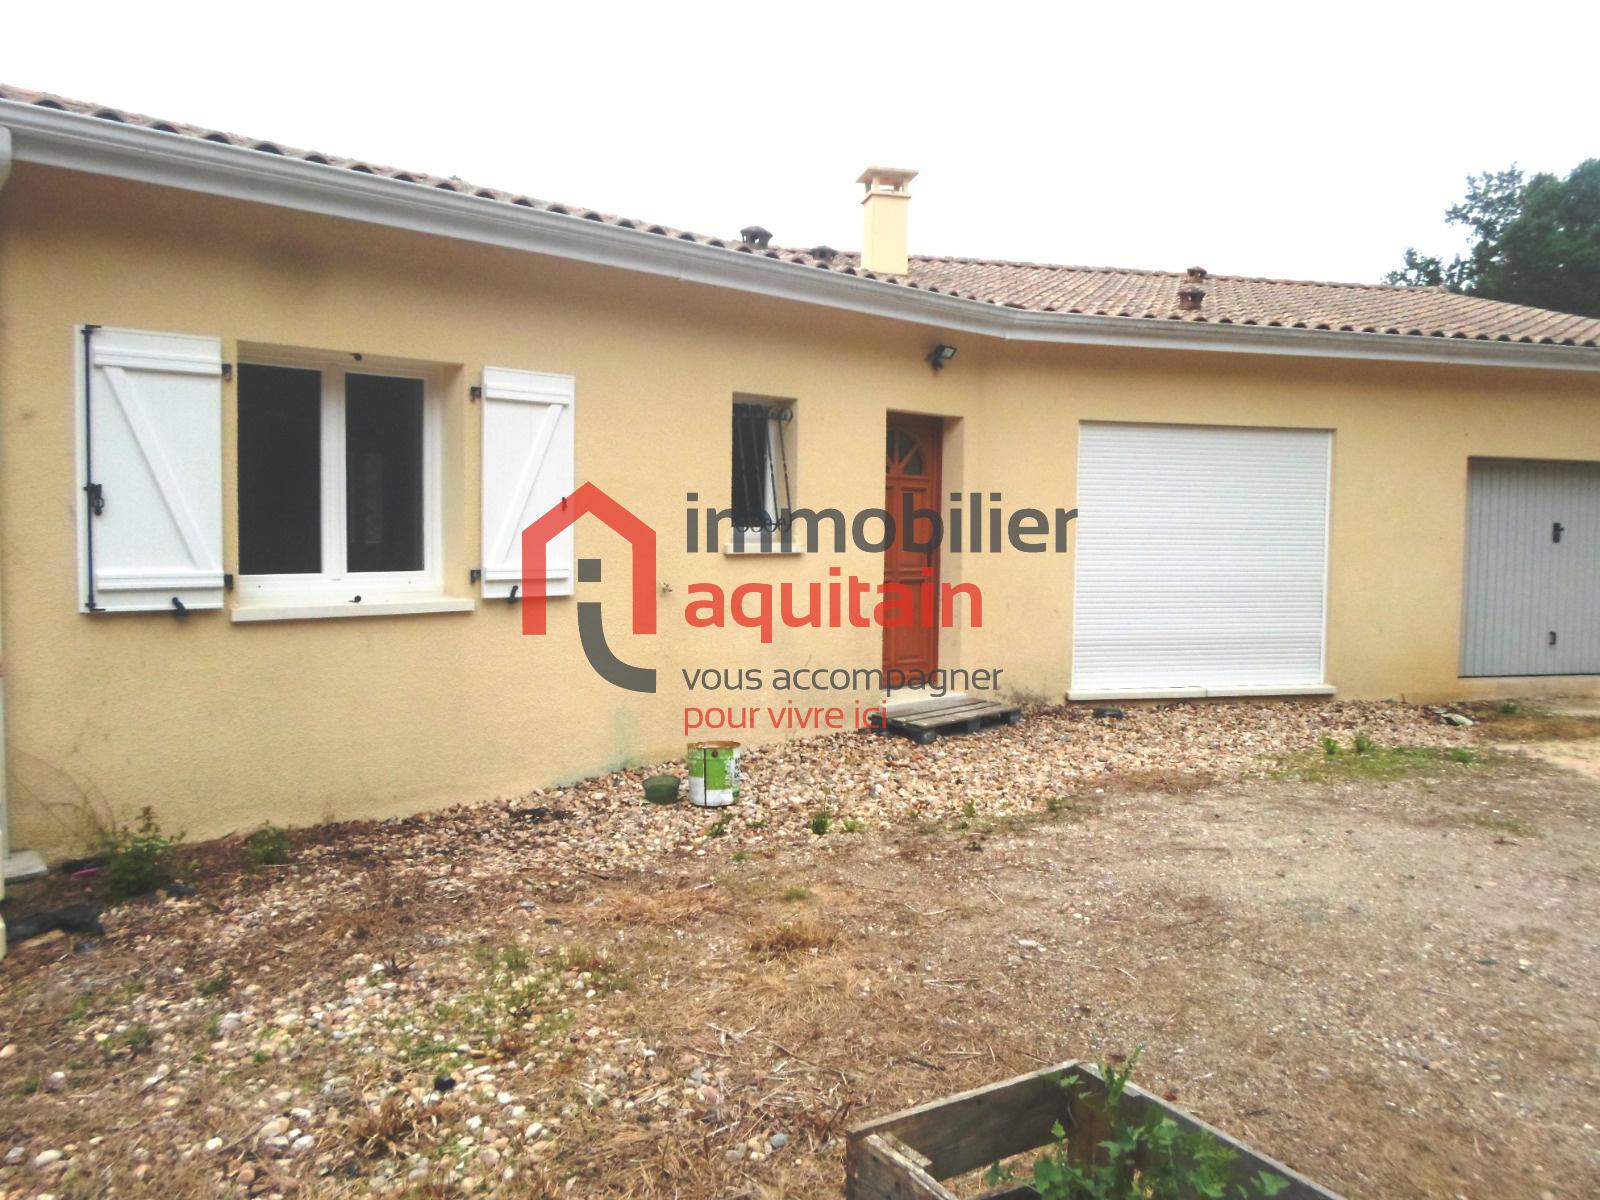 Annonce location maison les artigues de lussac 33570 for Annonce location maison